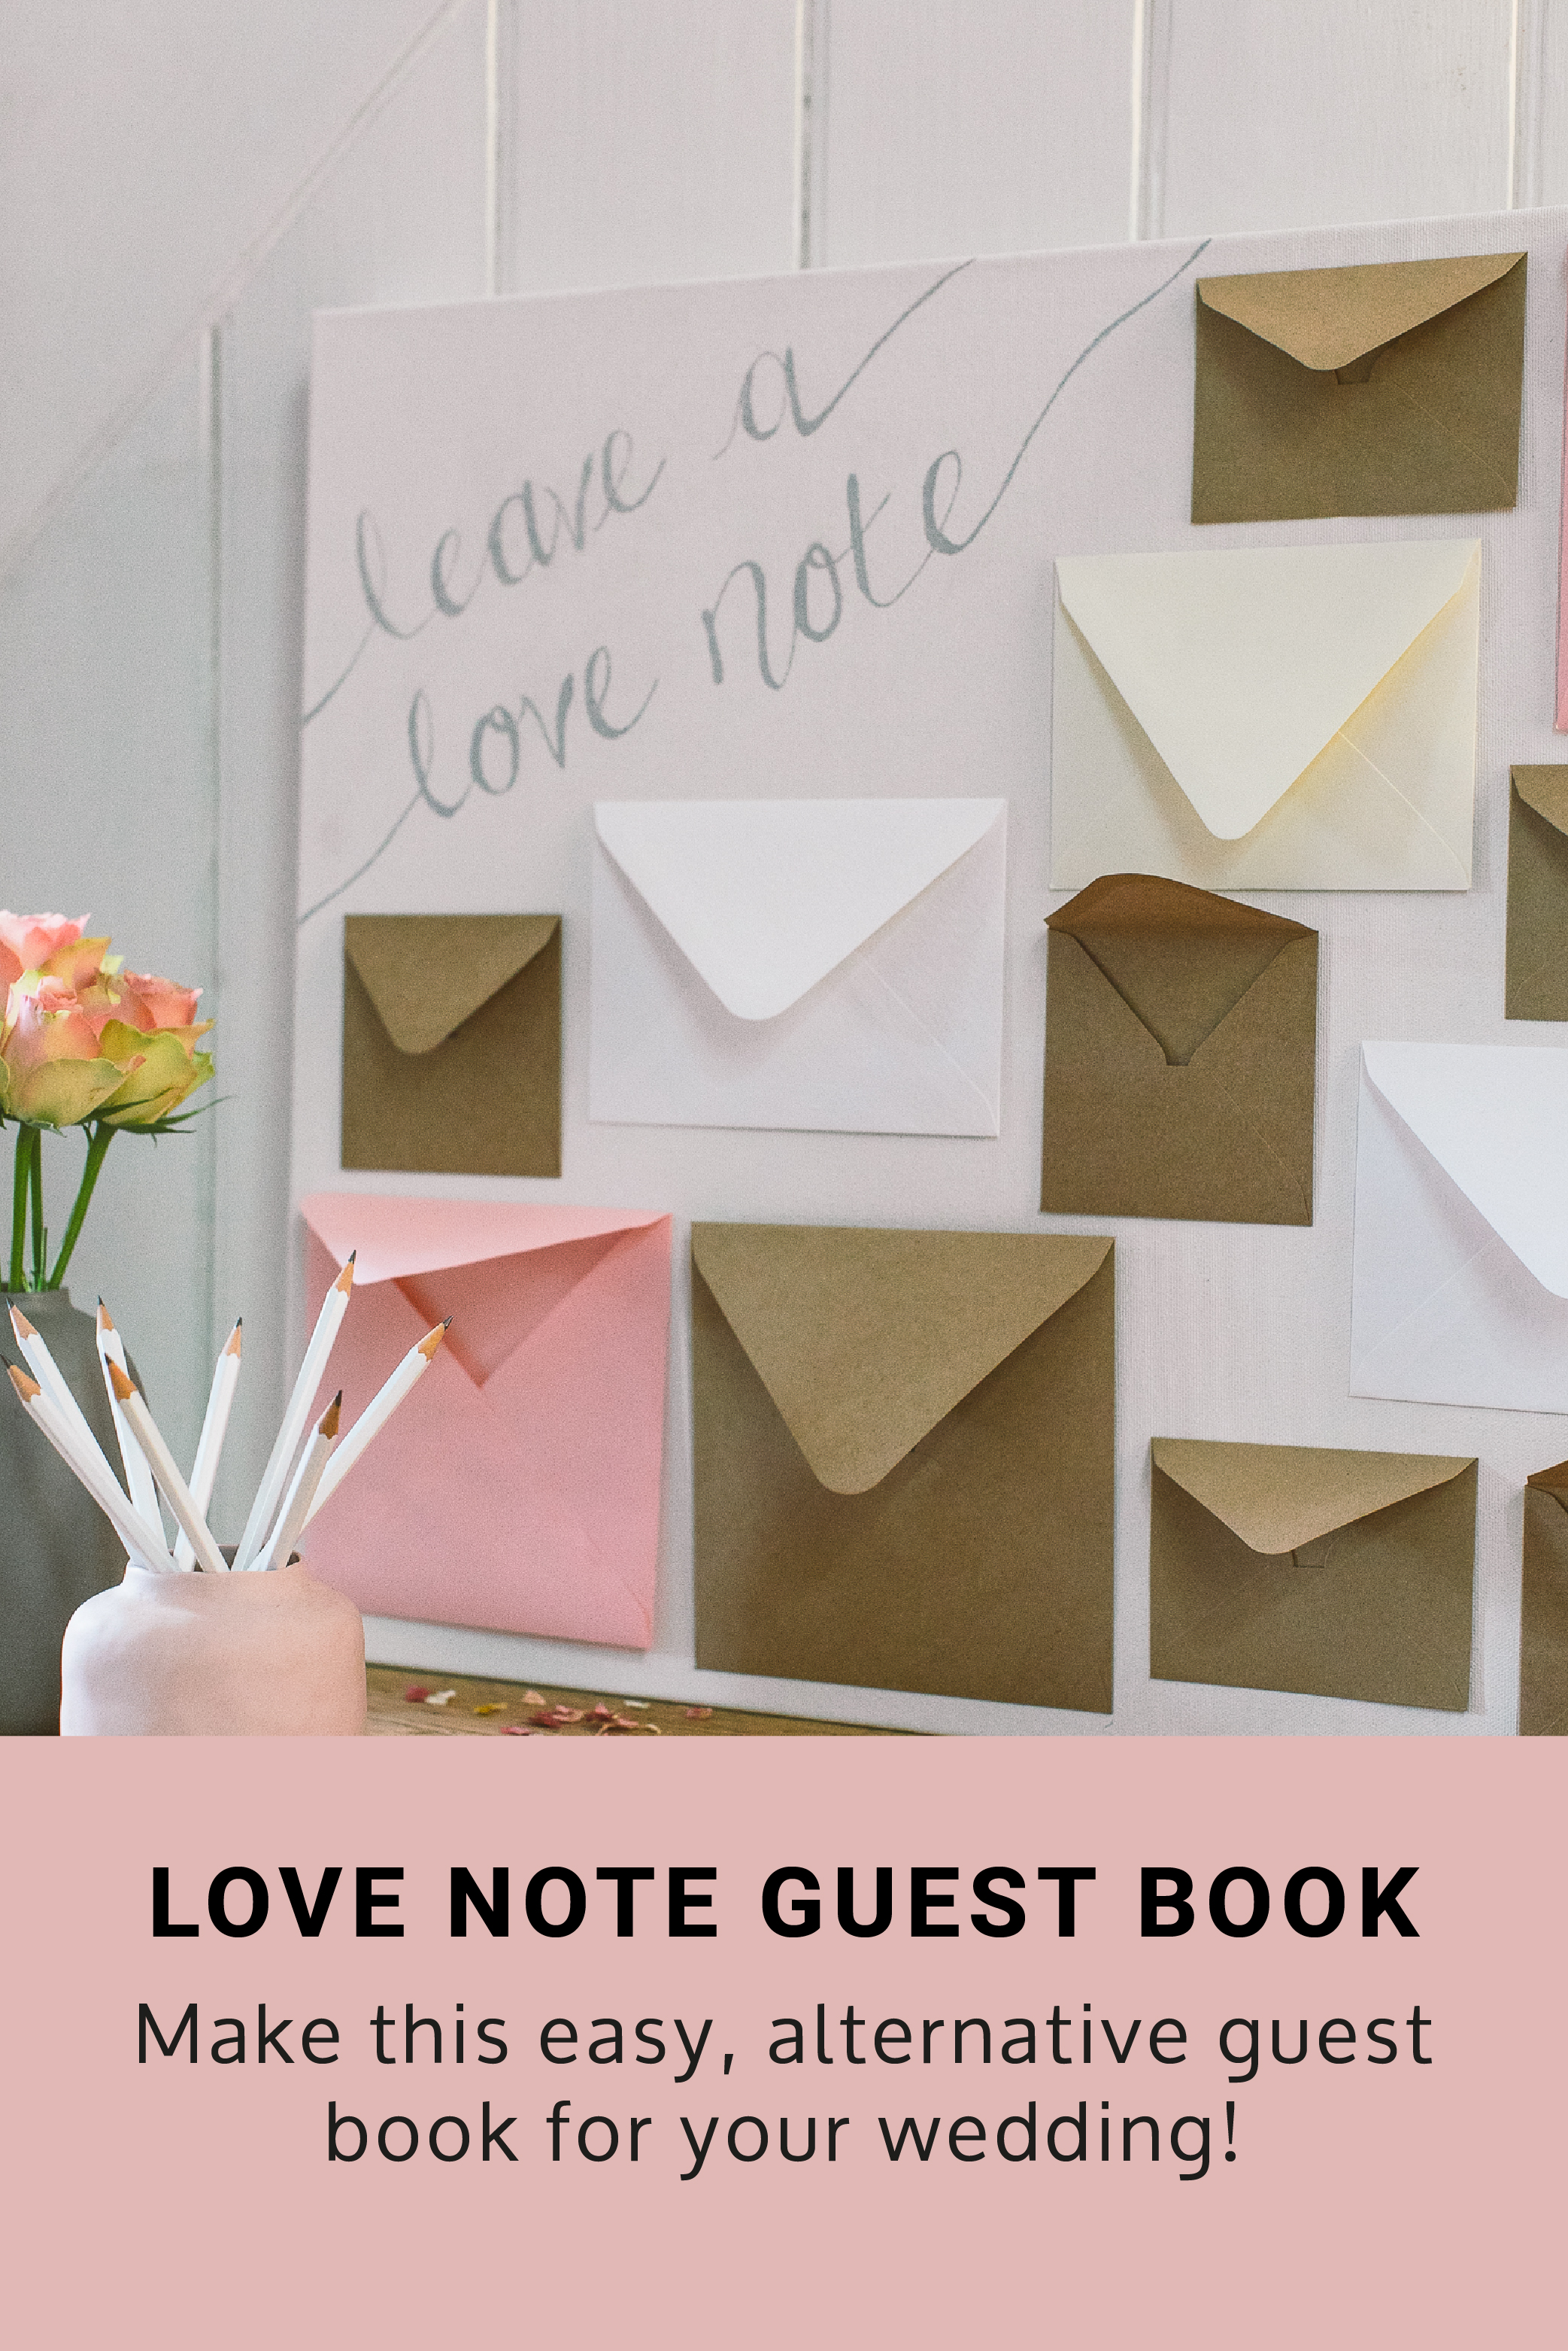 love note guest book.jpg